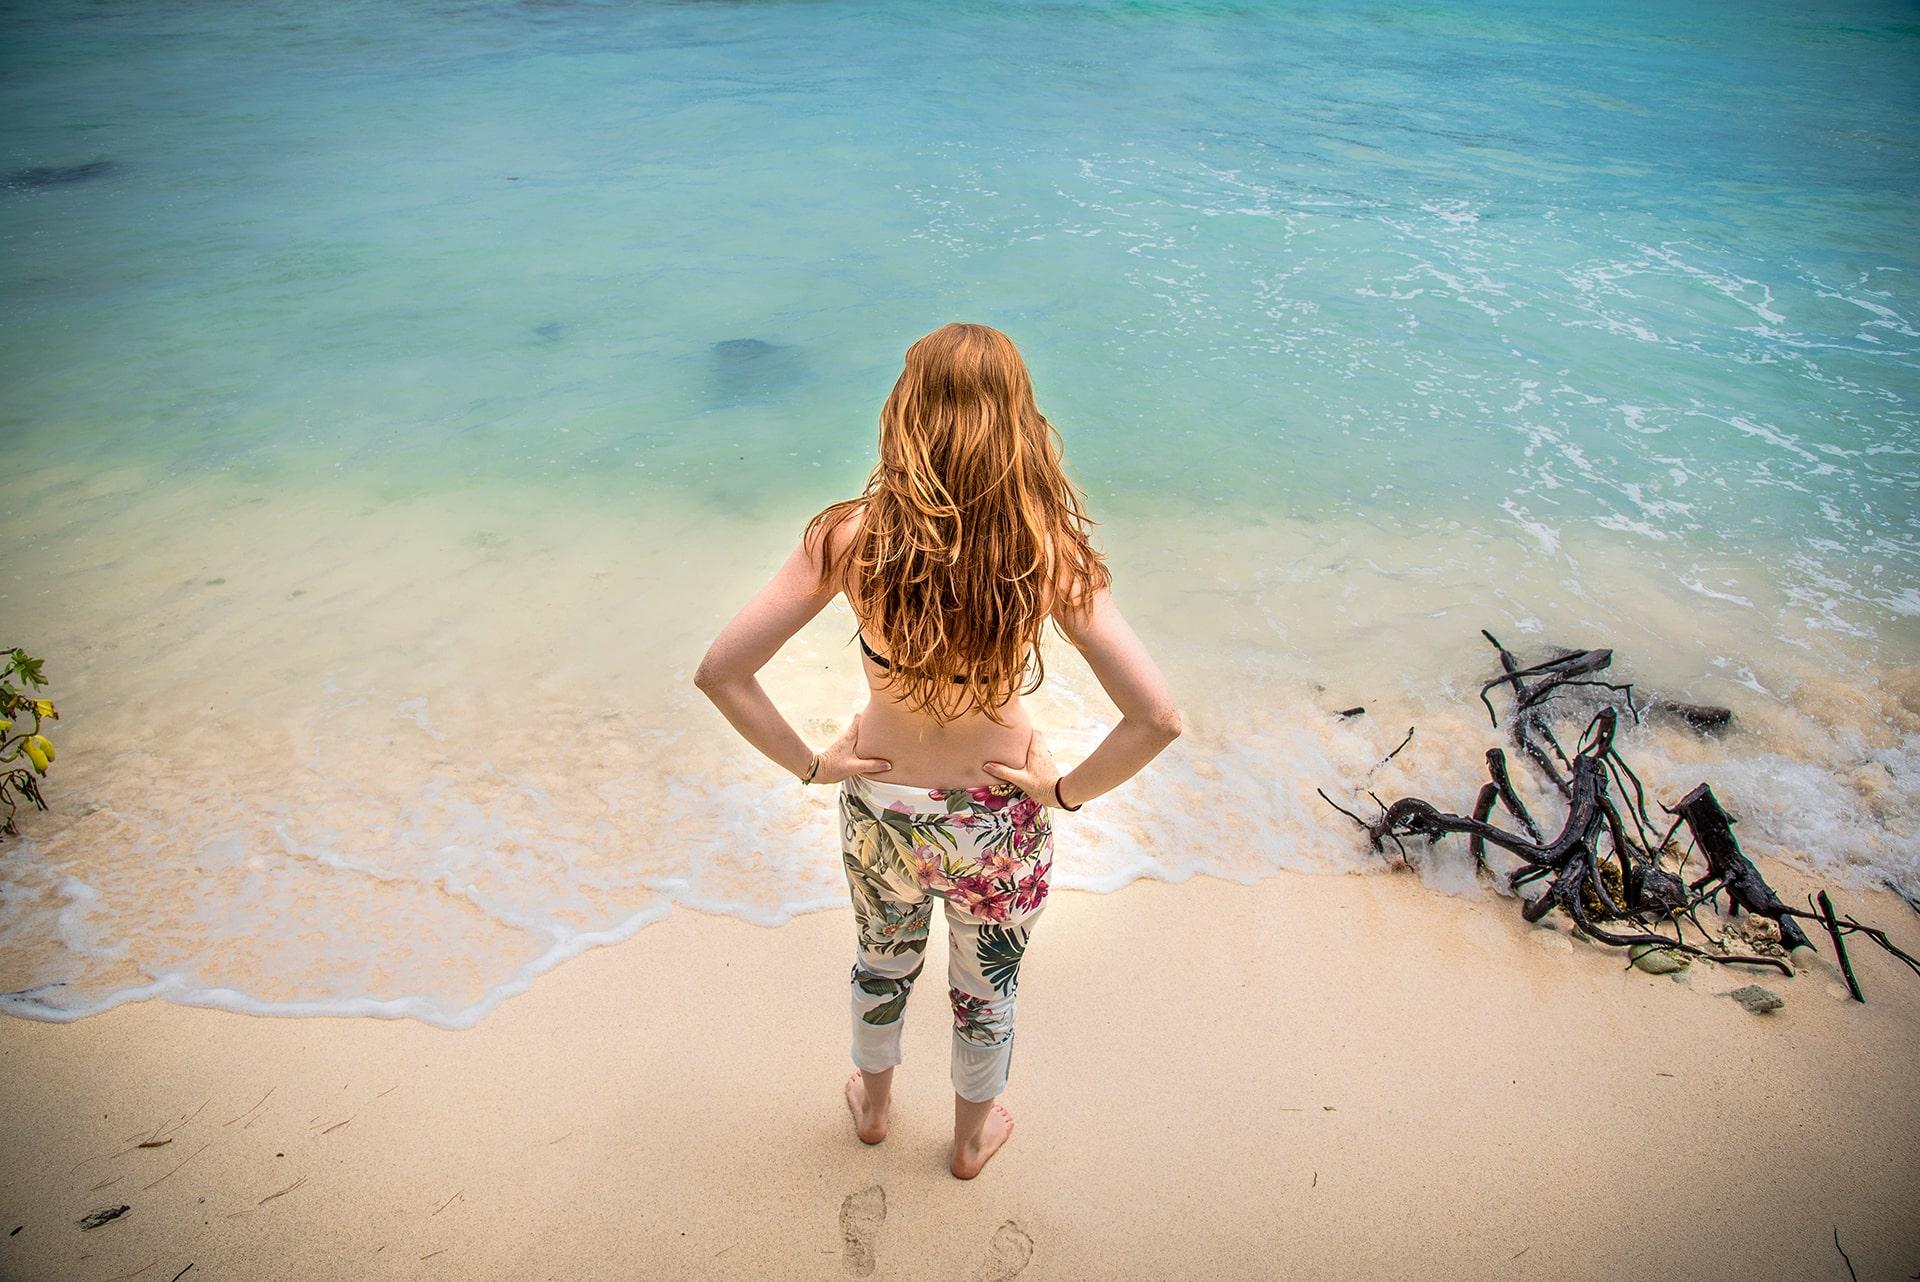 Ilot Gabriel- Le duo de choc ! L'île Maurice et l'île de la Réunion - Suivre sa Joie - Saskia Parein